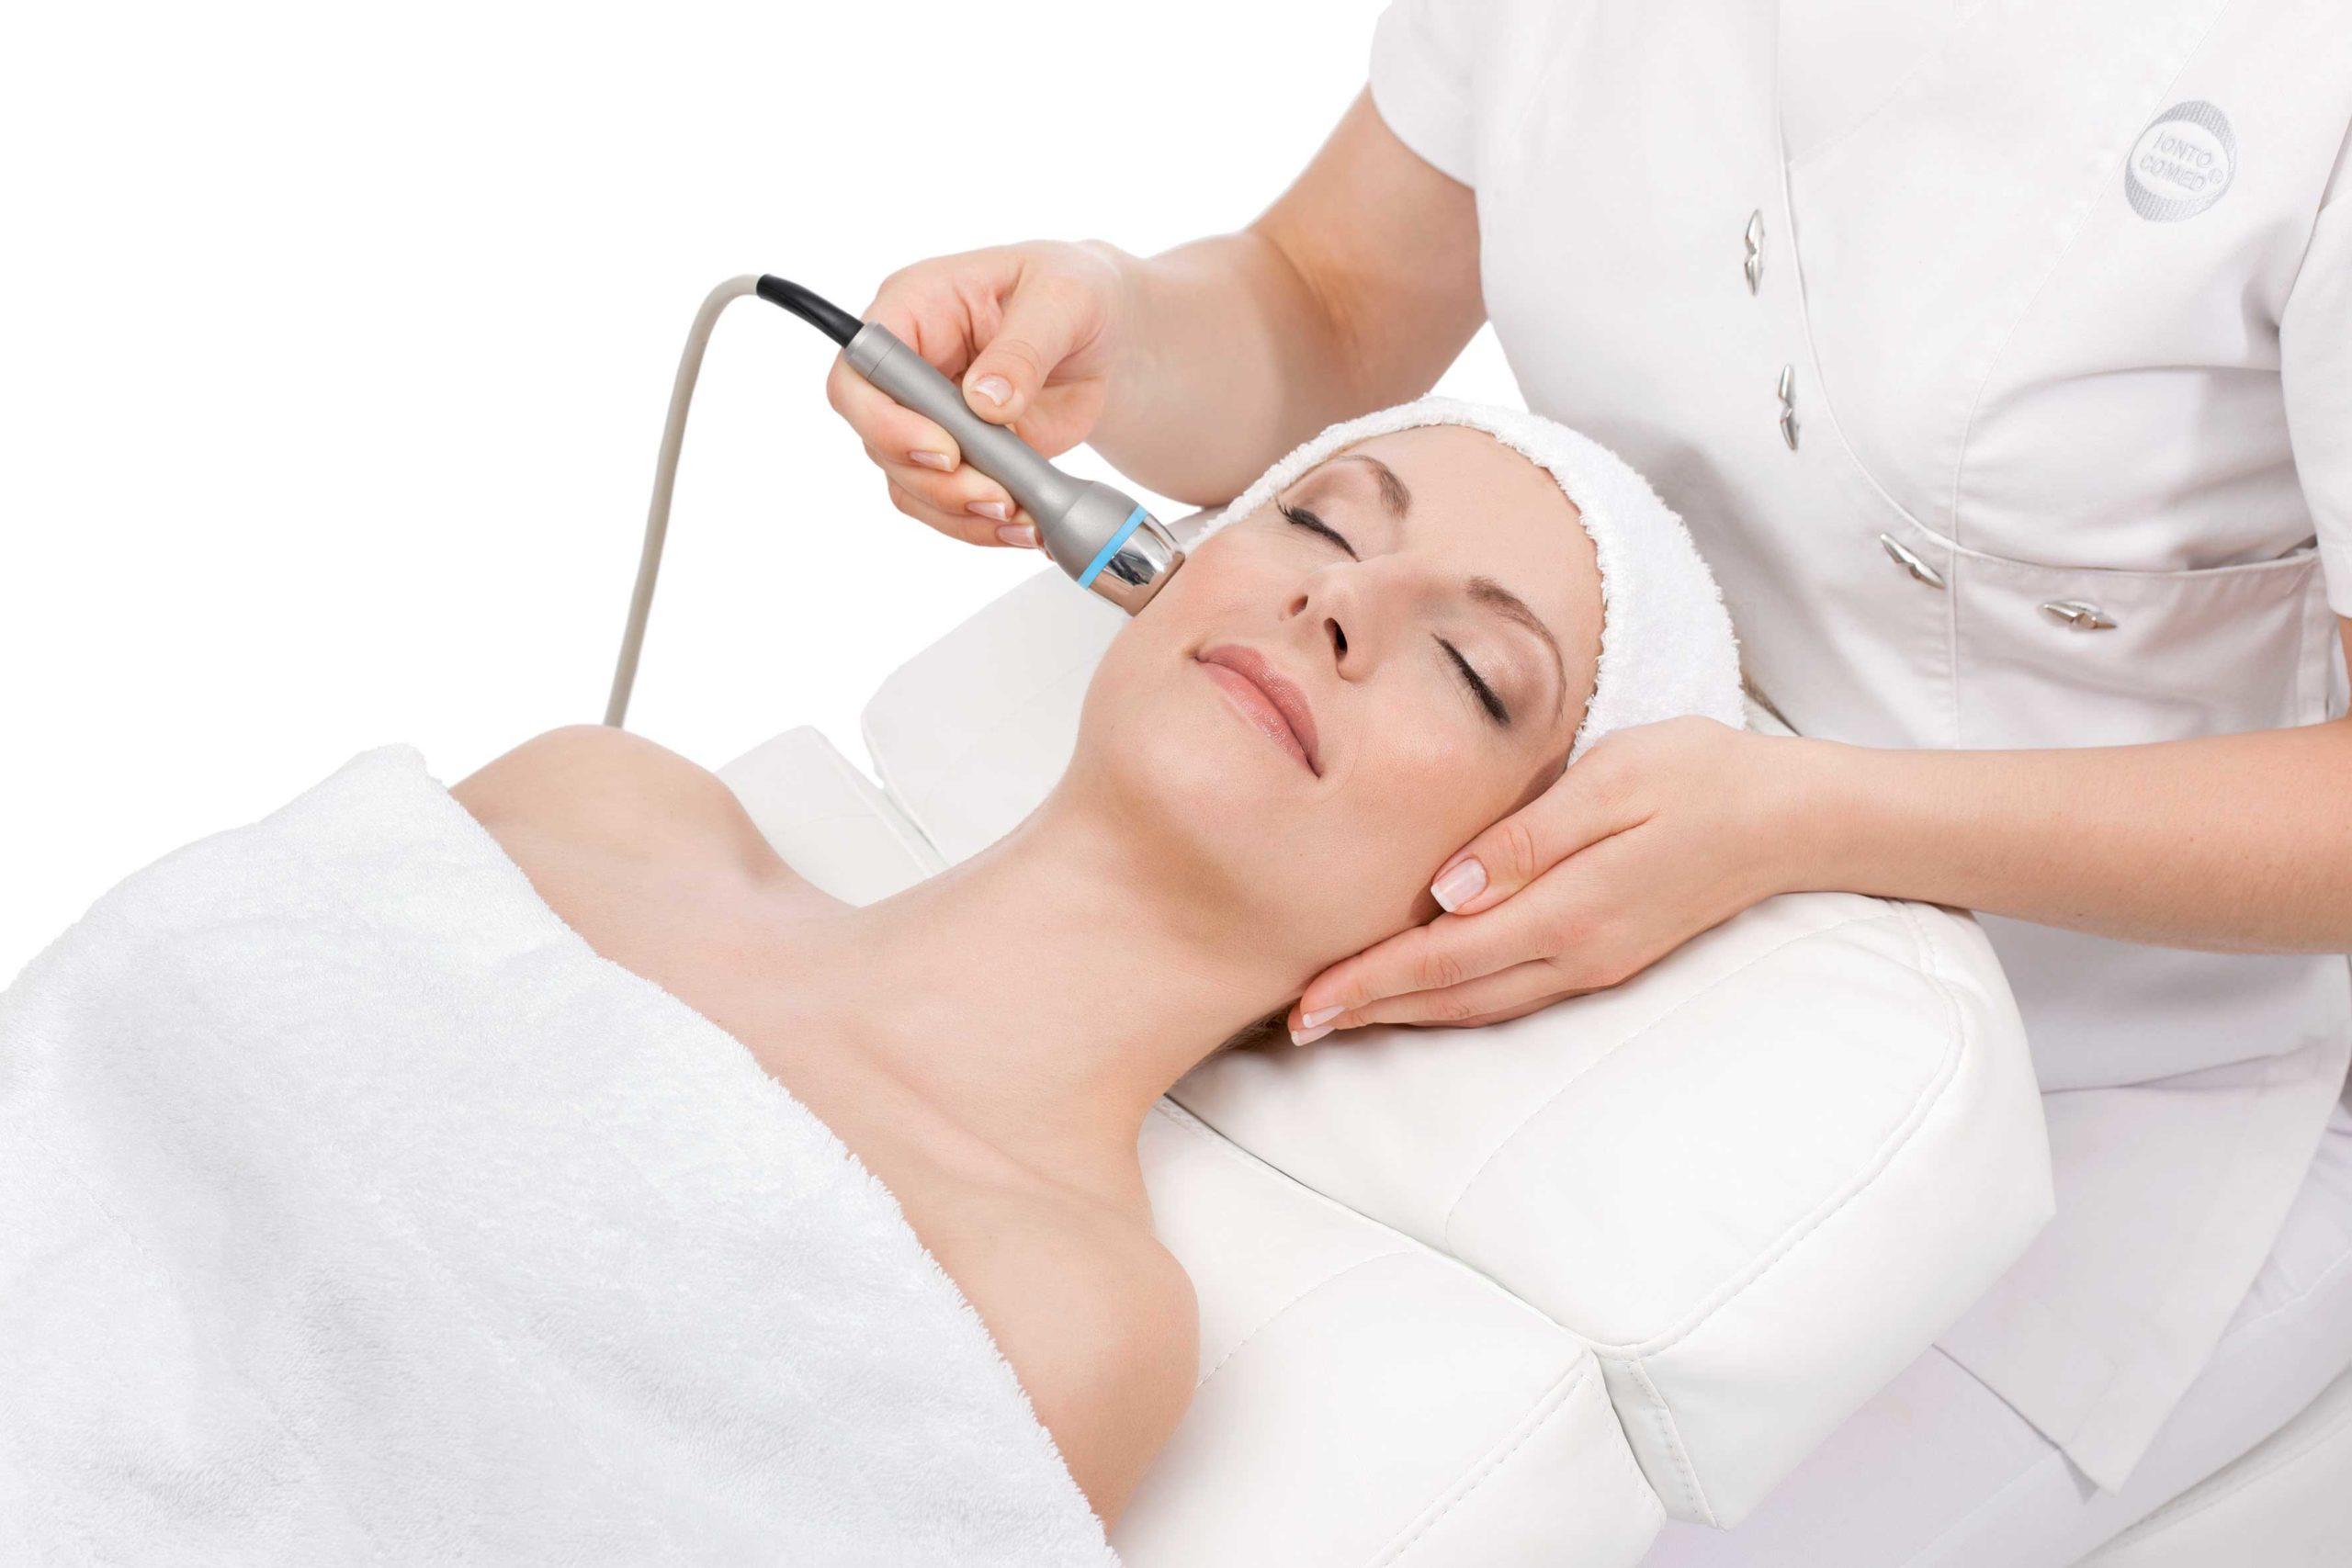 Ultraschall Gesichtsbehandlung